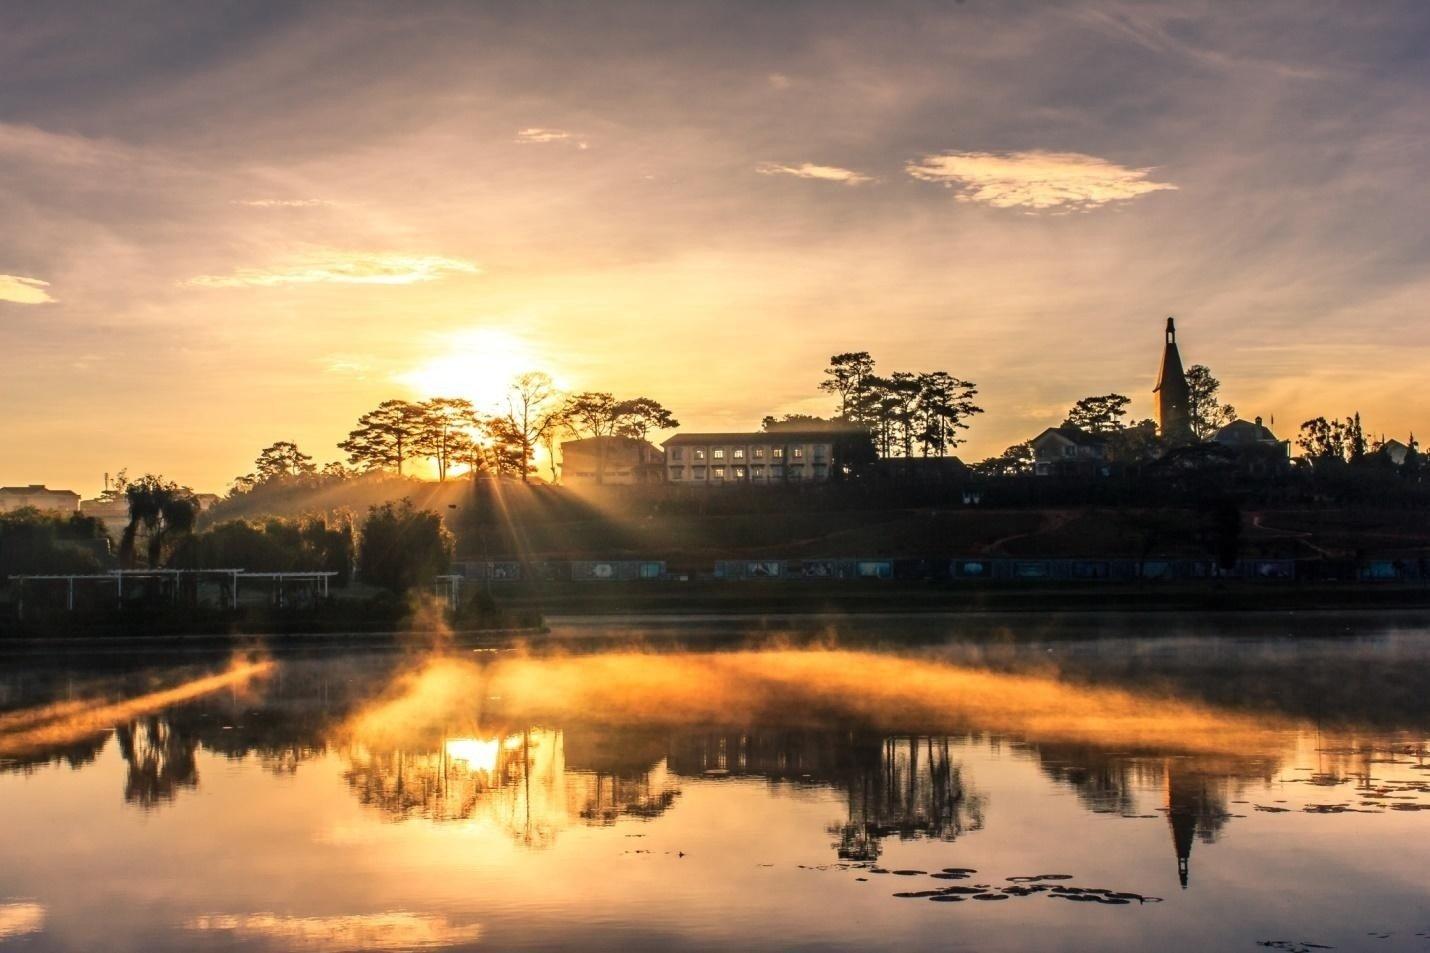 Hồ Xuân Hương tự tình, yên bình mặc cho cuộc sống hối hả